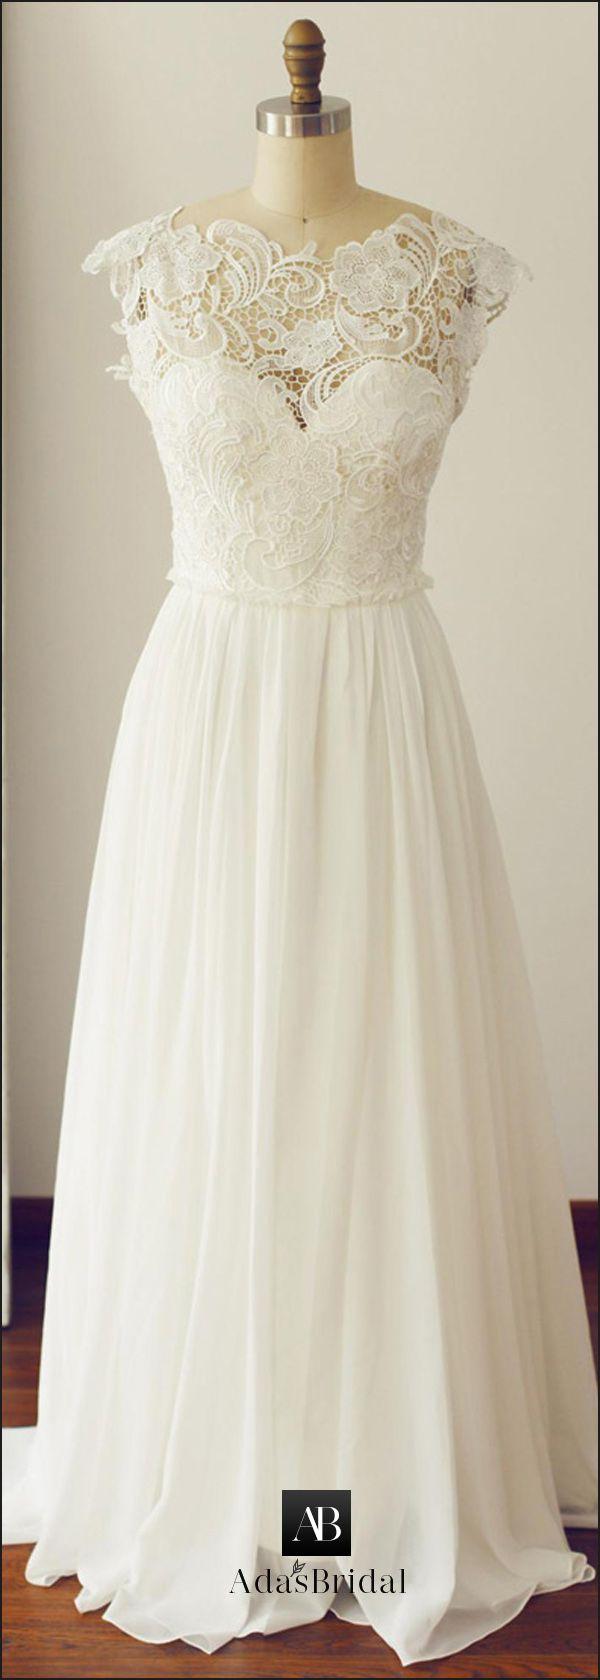 Chic lace u chiffon asymmetrical neckline cap sleeves aline wedding